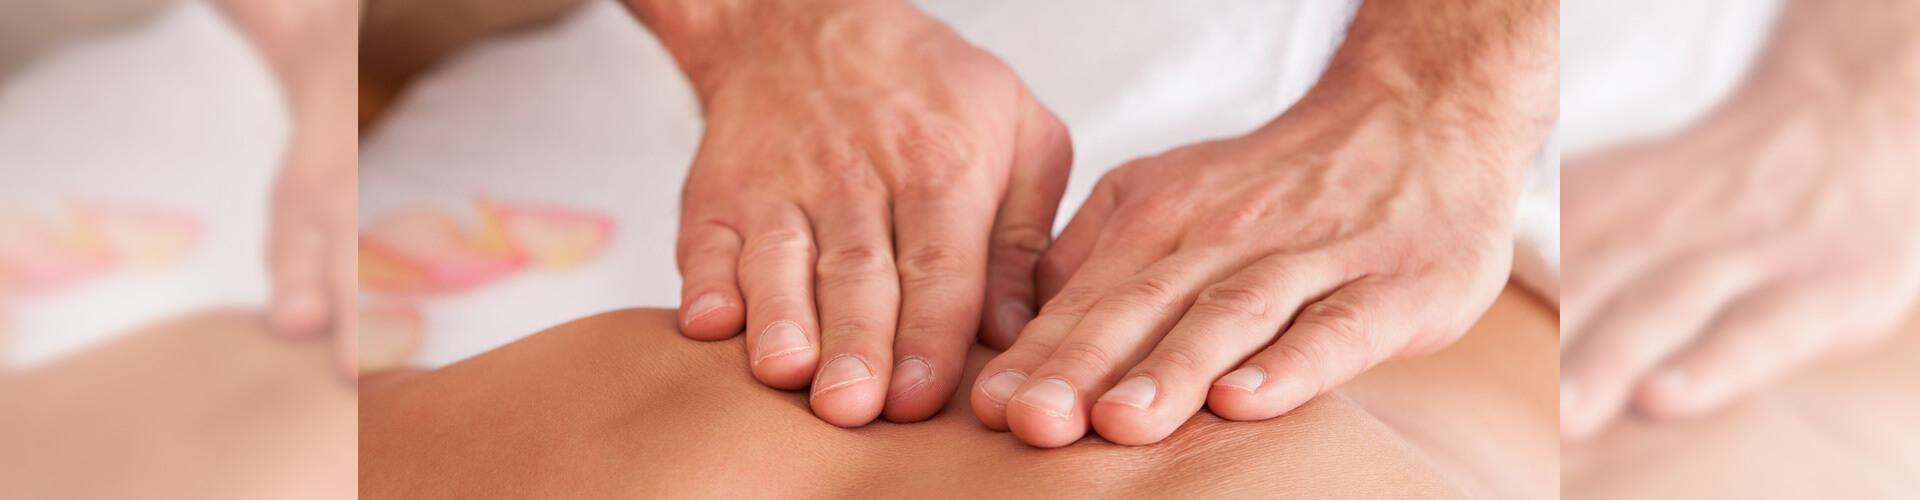 masaje de espalda kyreo contracturas